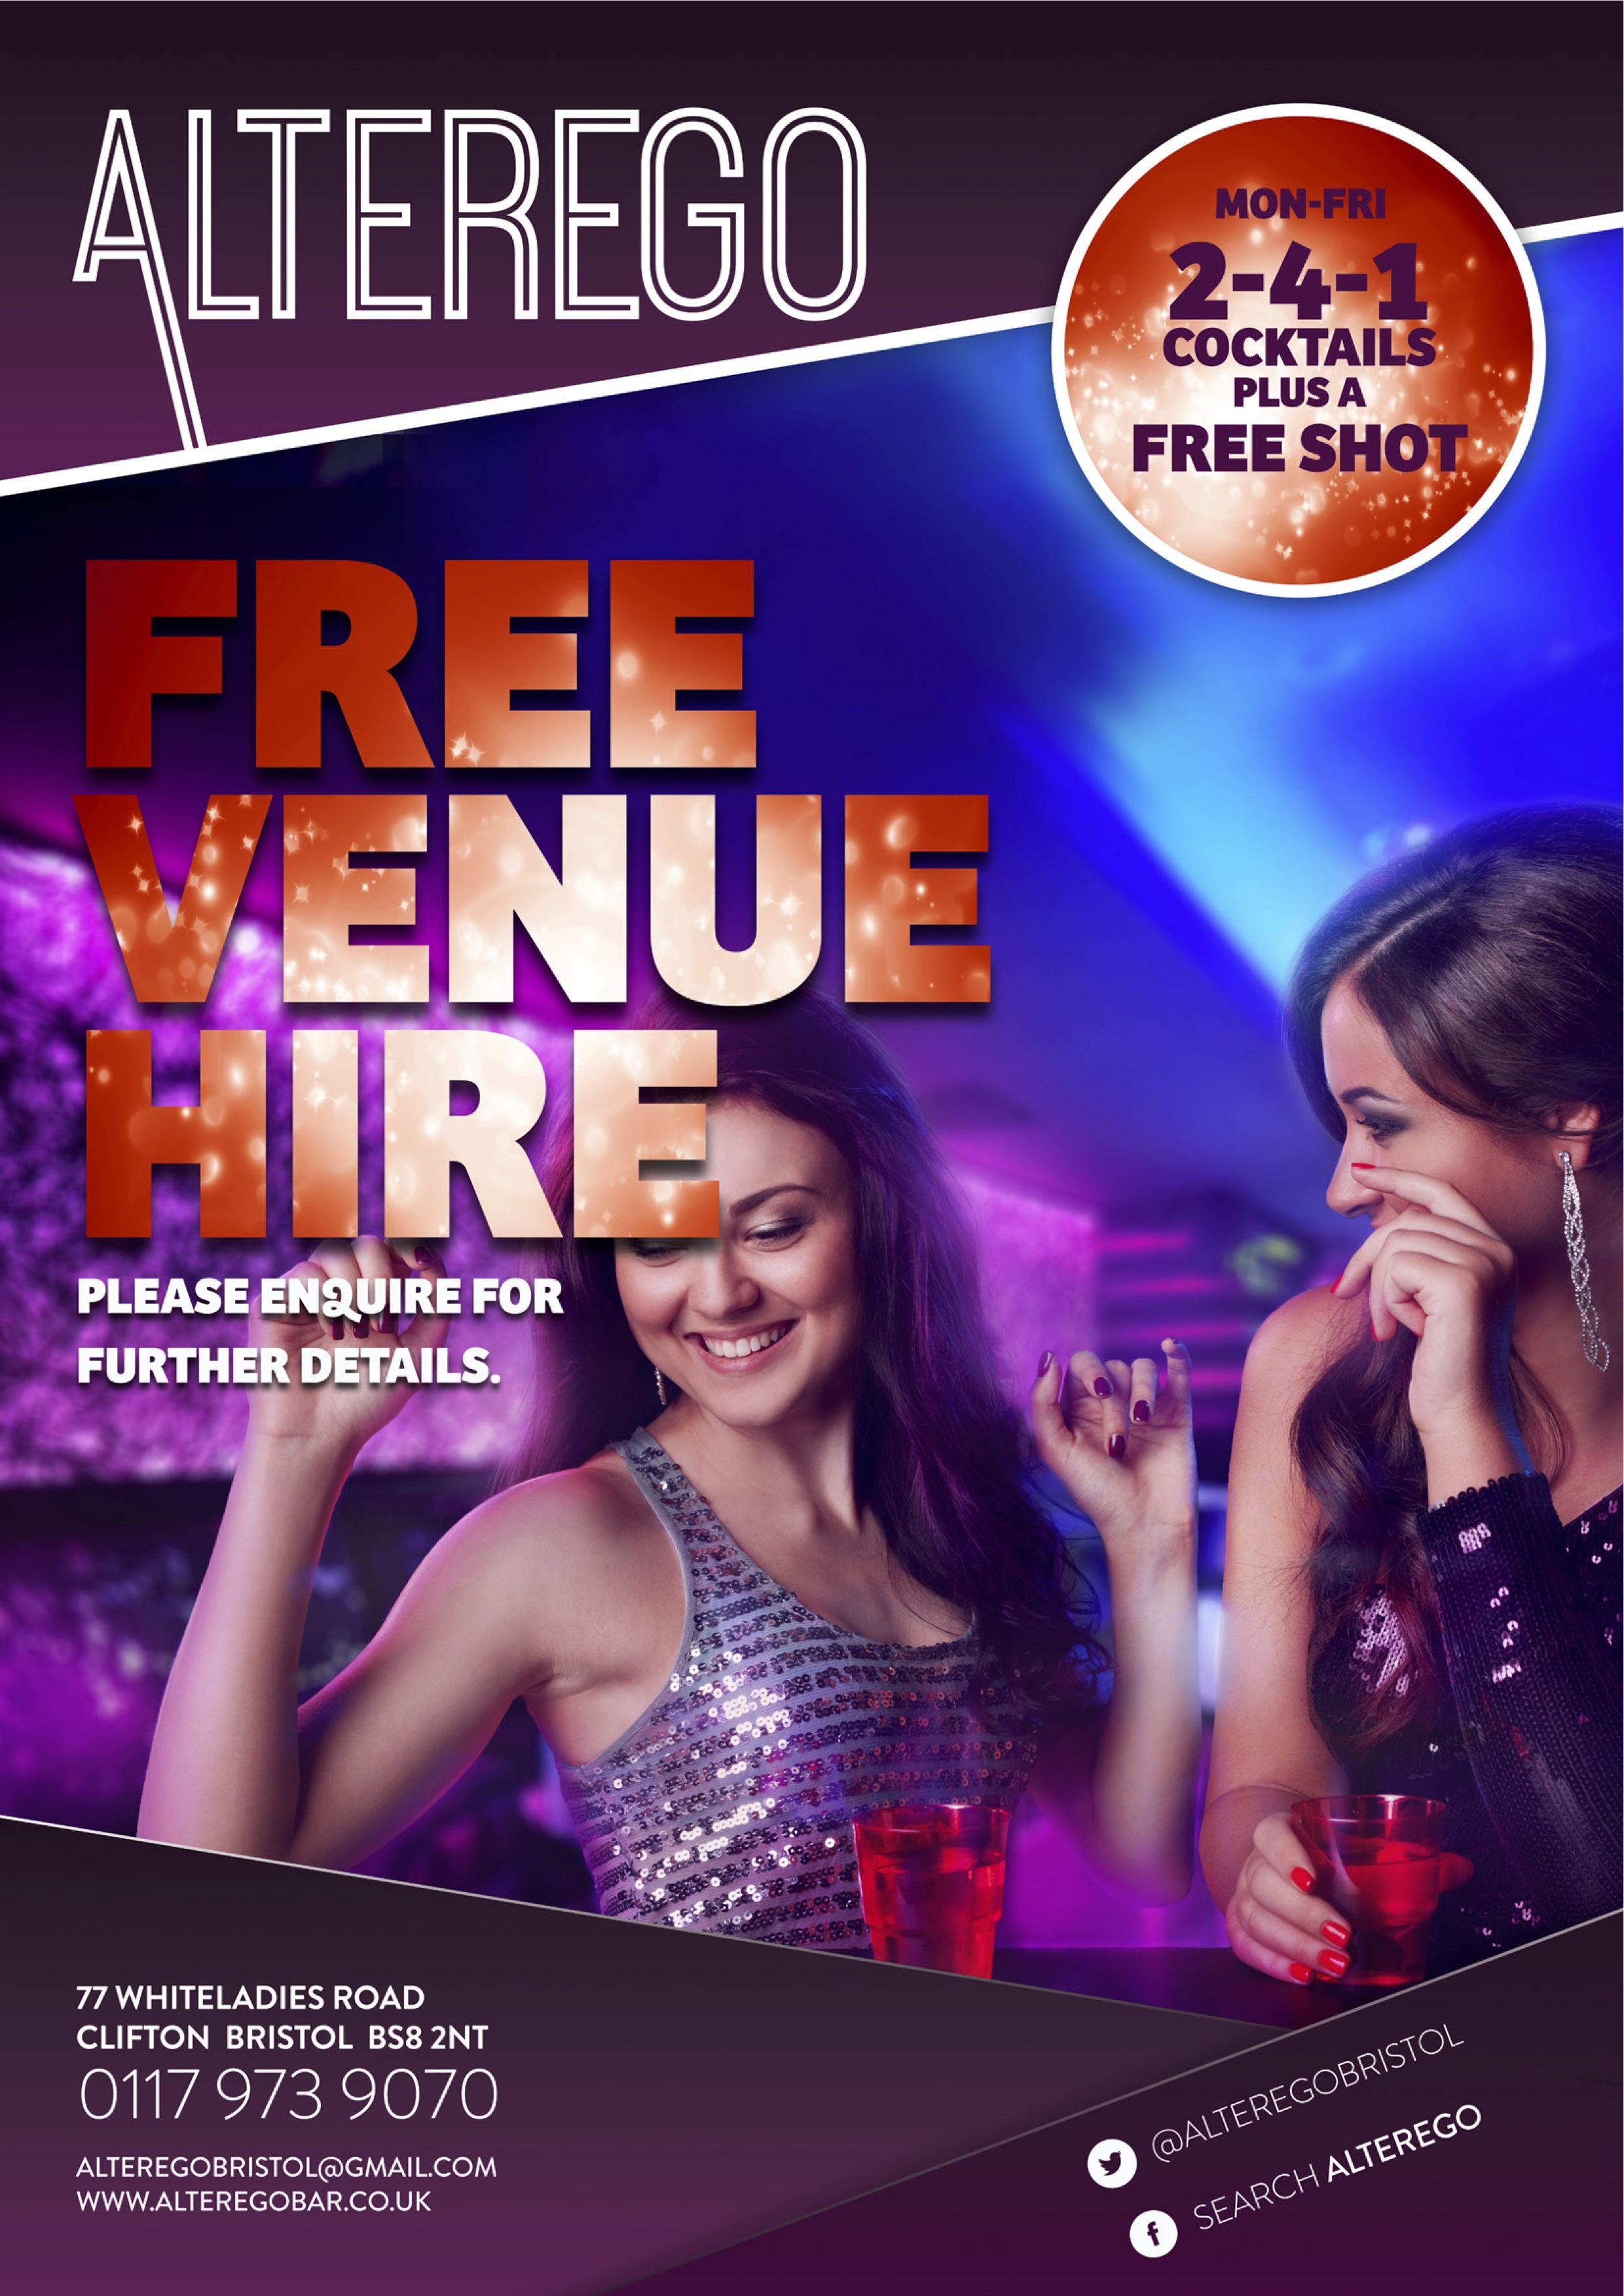 Free venue hire